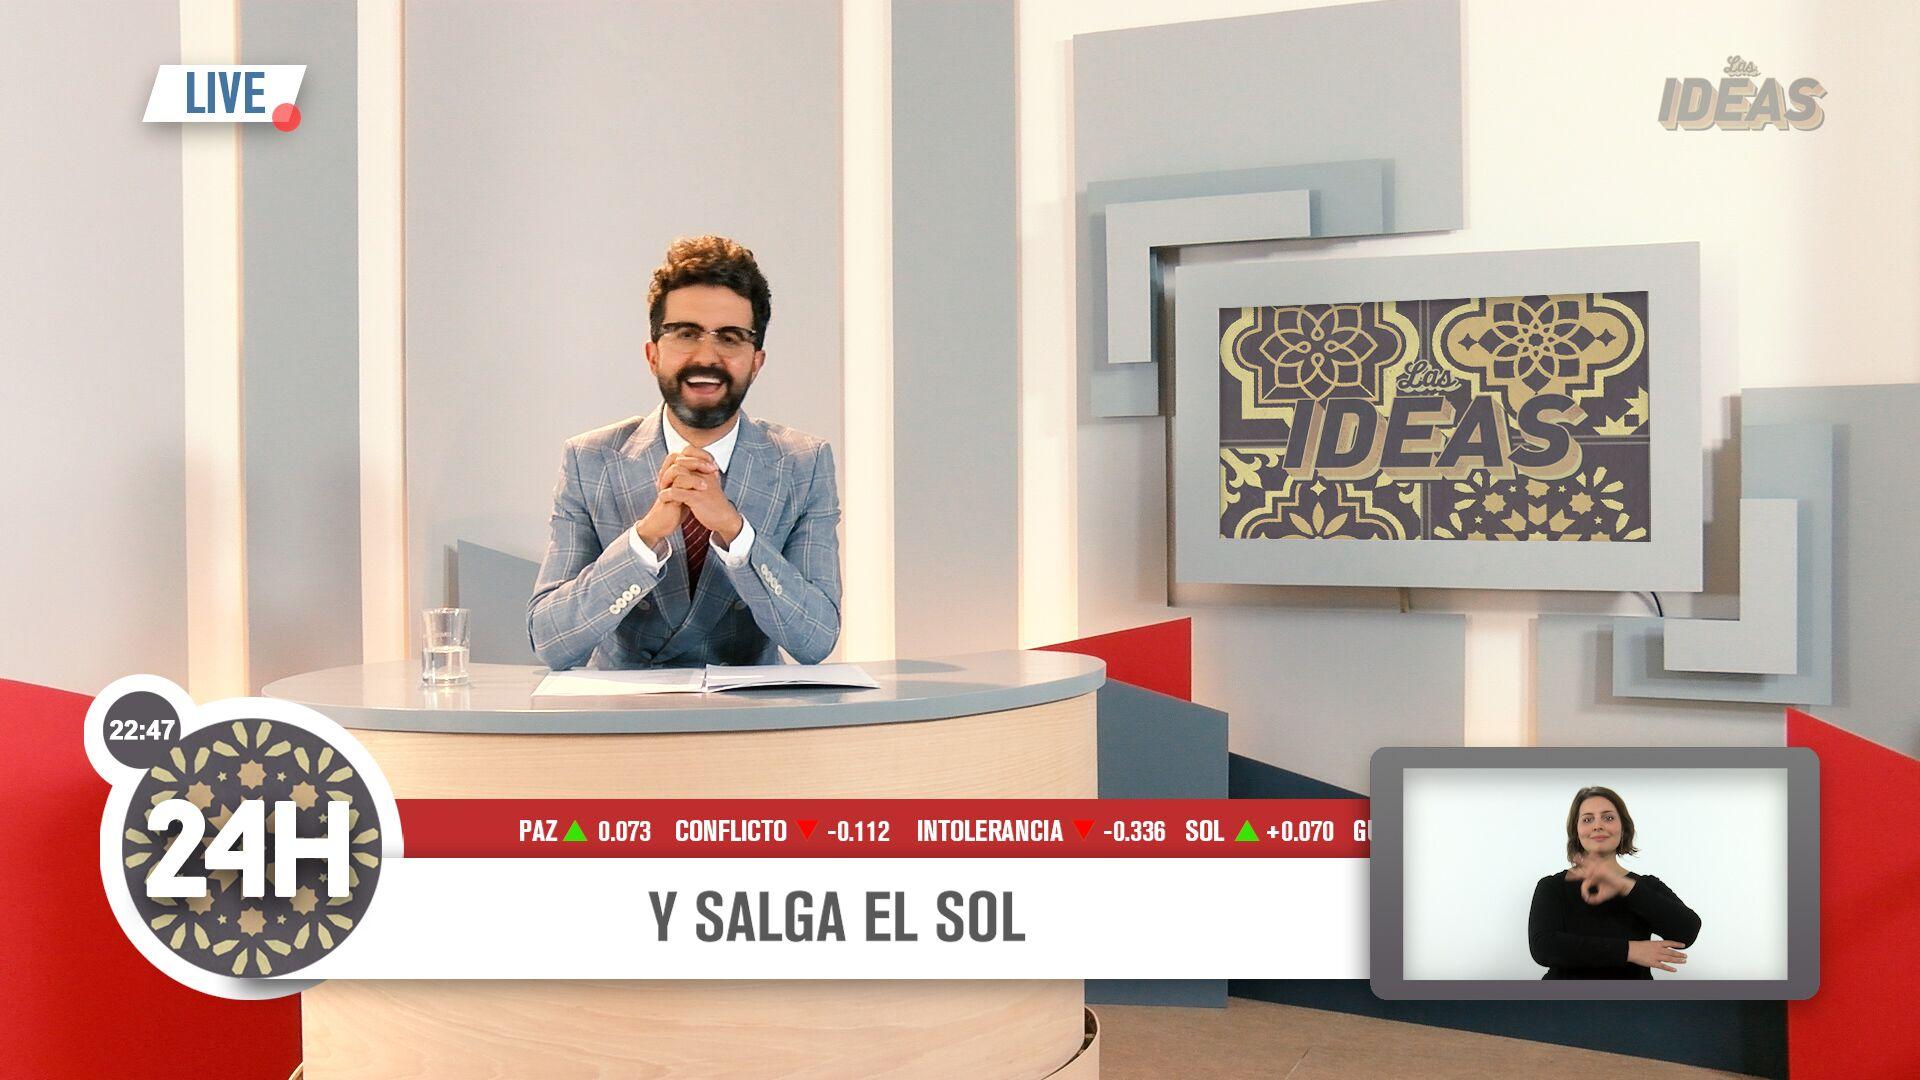 """ARCO adelanta el segundo single """"Las ideas"""" de su nuevo álbum previsto para 2020"""